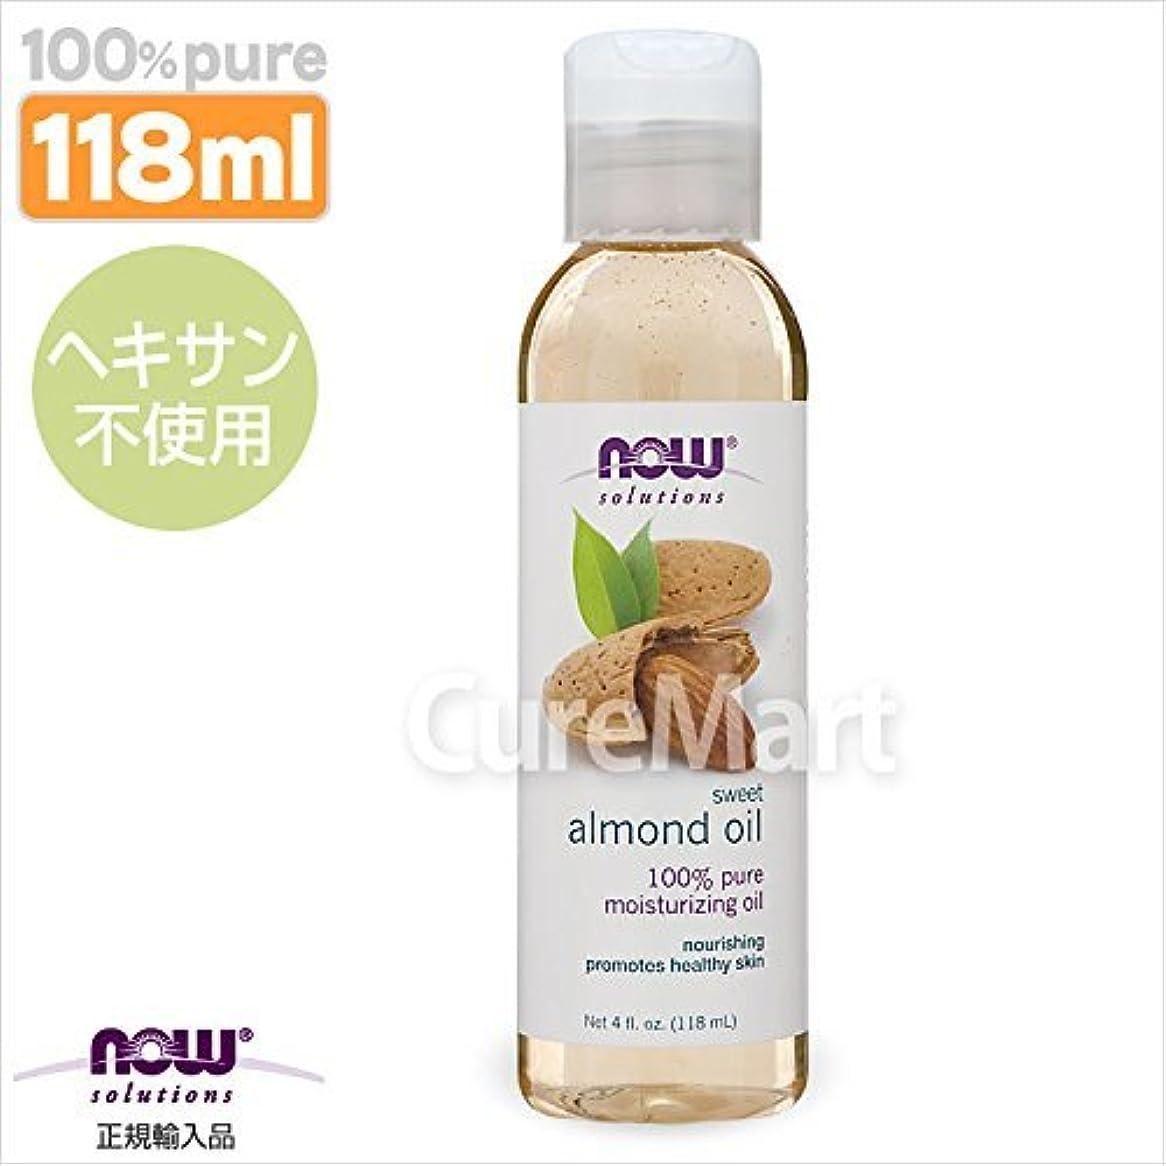 肺食物治すNOW スイートアーモンドオイル[118ml] (正規輸入許可商品、分類:化粧品)